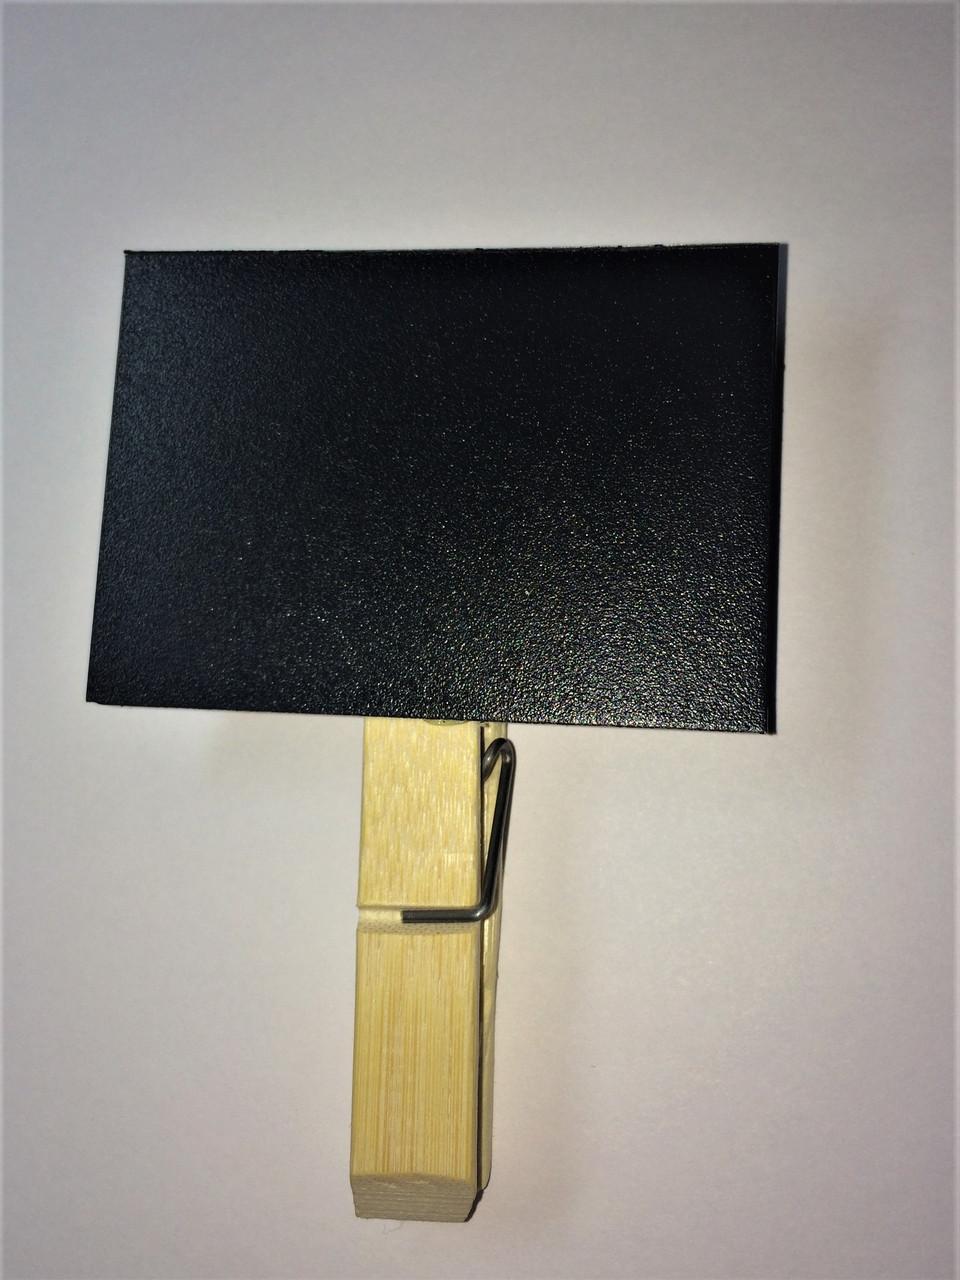 Меловой  ценник 6х8 см  с прищепкой держателеме (для надписей мелом и маркером) Грифельная табличка